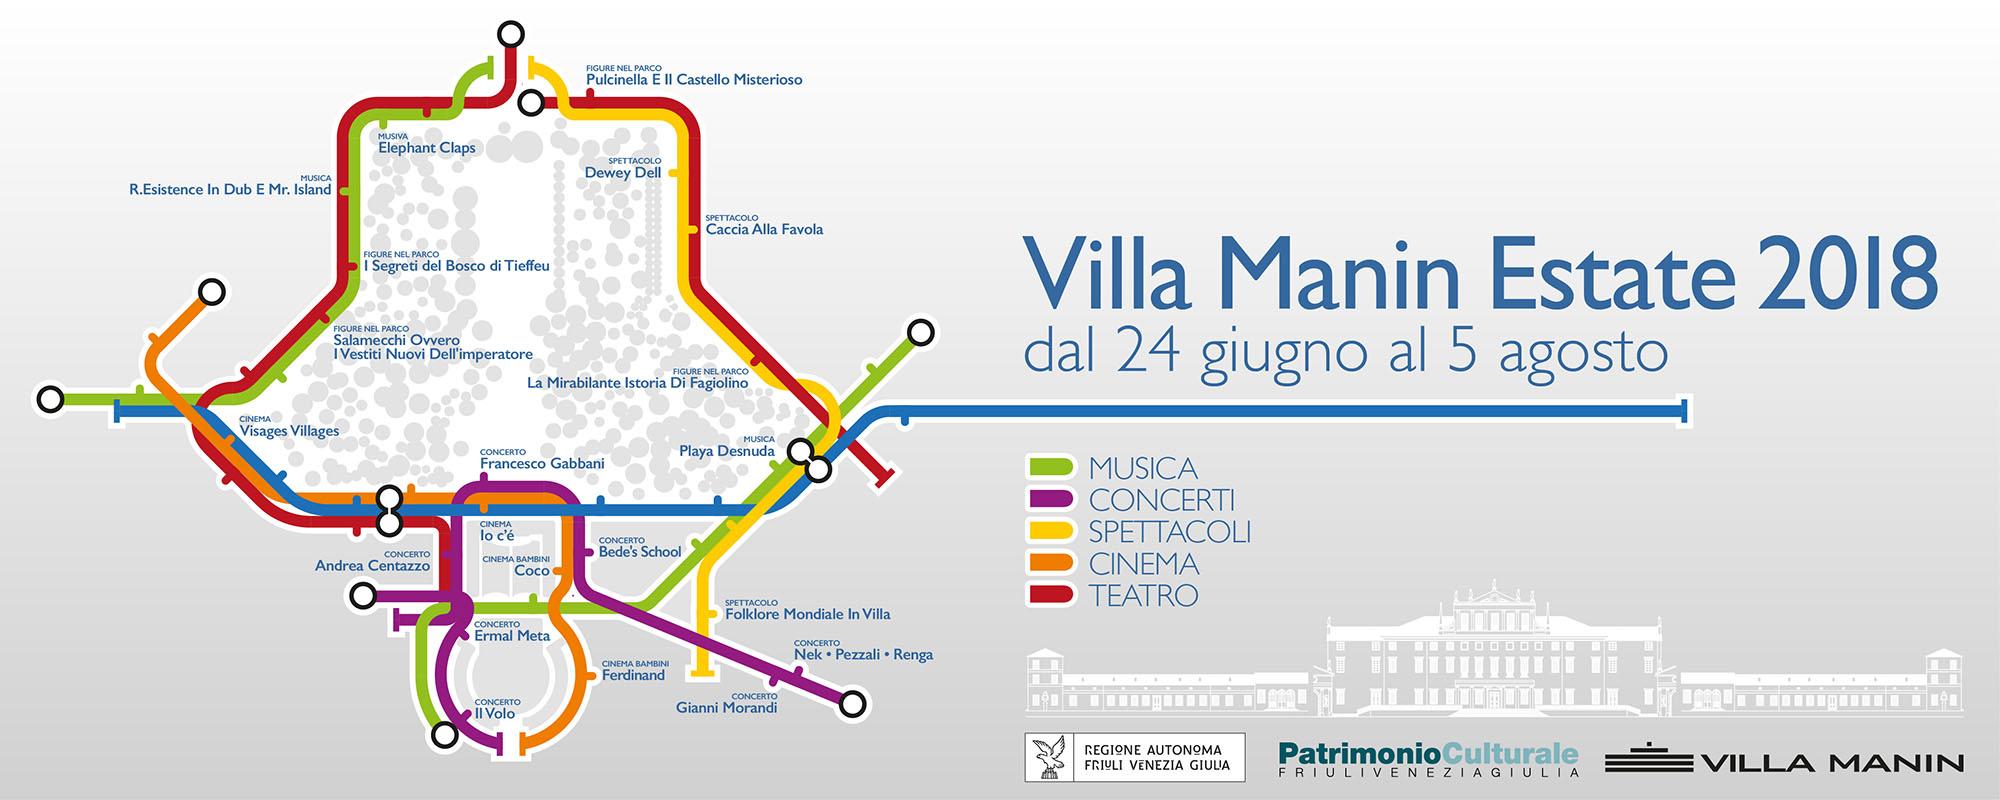 Villa Manin Estate 2018